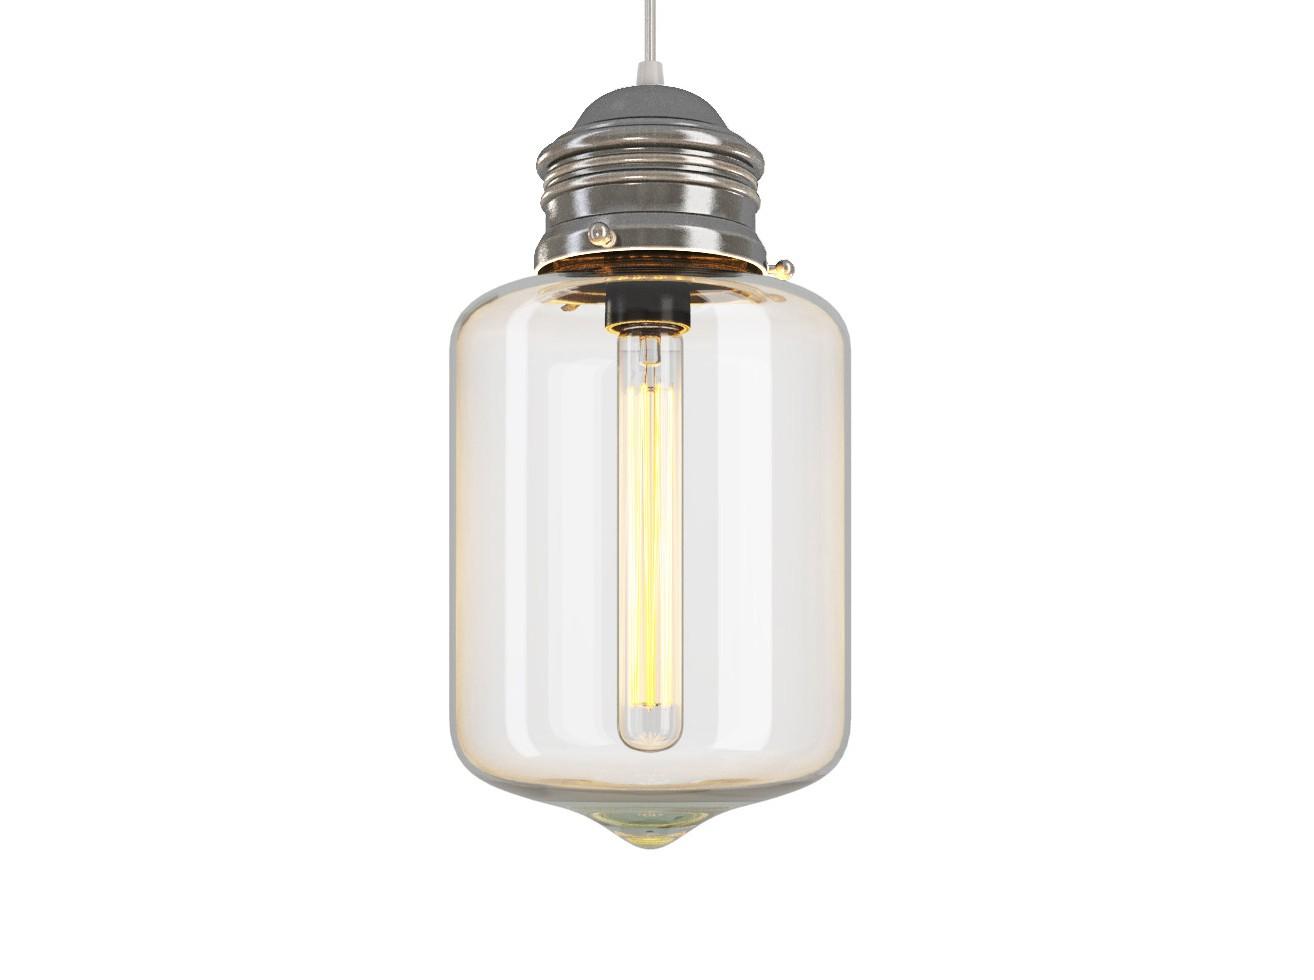 Подвесной светильник Saver ChandelierПодвесные светильники<br>&amp;lt;div&amp;gt;Вид цоколя: Е27&amp;lt;/div&amp;gt;&amp;lt;div&amp;gt;Мощность лампы: 60W&amp;lt;/div&amp;gt;&amp;lt;div&amp;gt;Количество ламп: 1&amp;lt;/div&amp;gt;&amp;lt;div&amp;gt;Наличие ламп: нет&amp;lt;/div&amp;gt;<br><br>Material: Стекло<br>Ширина см: 17<br>Высота см: 40<br>Глубина см: 17